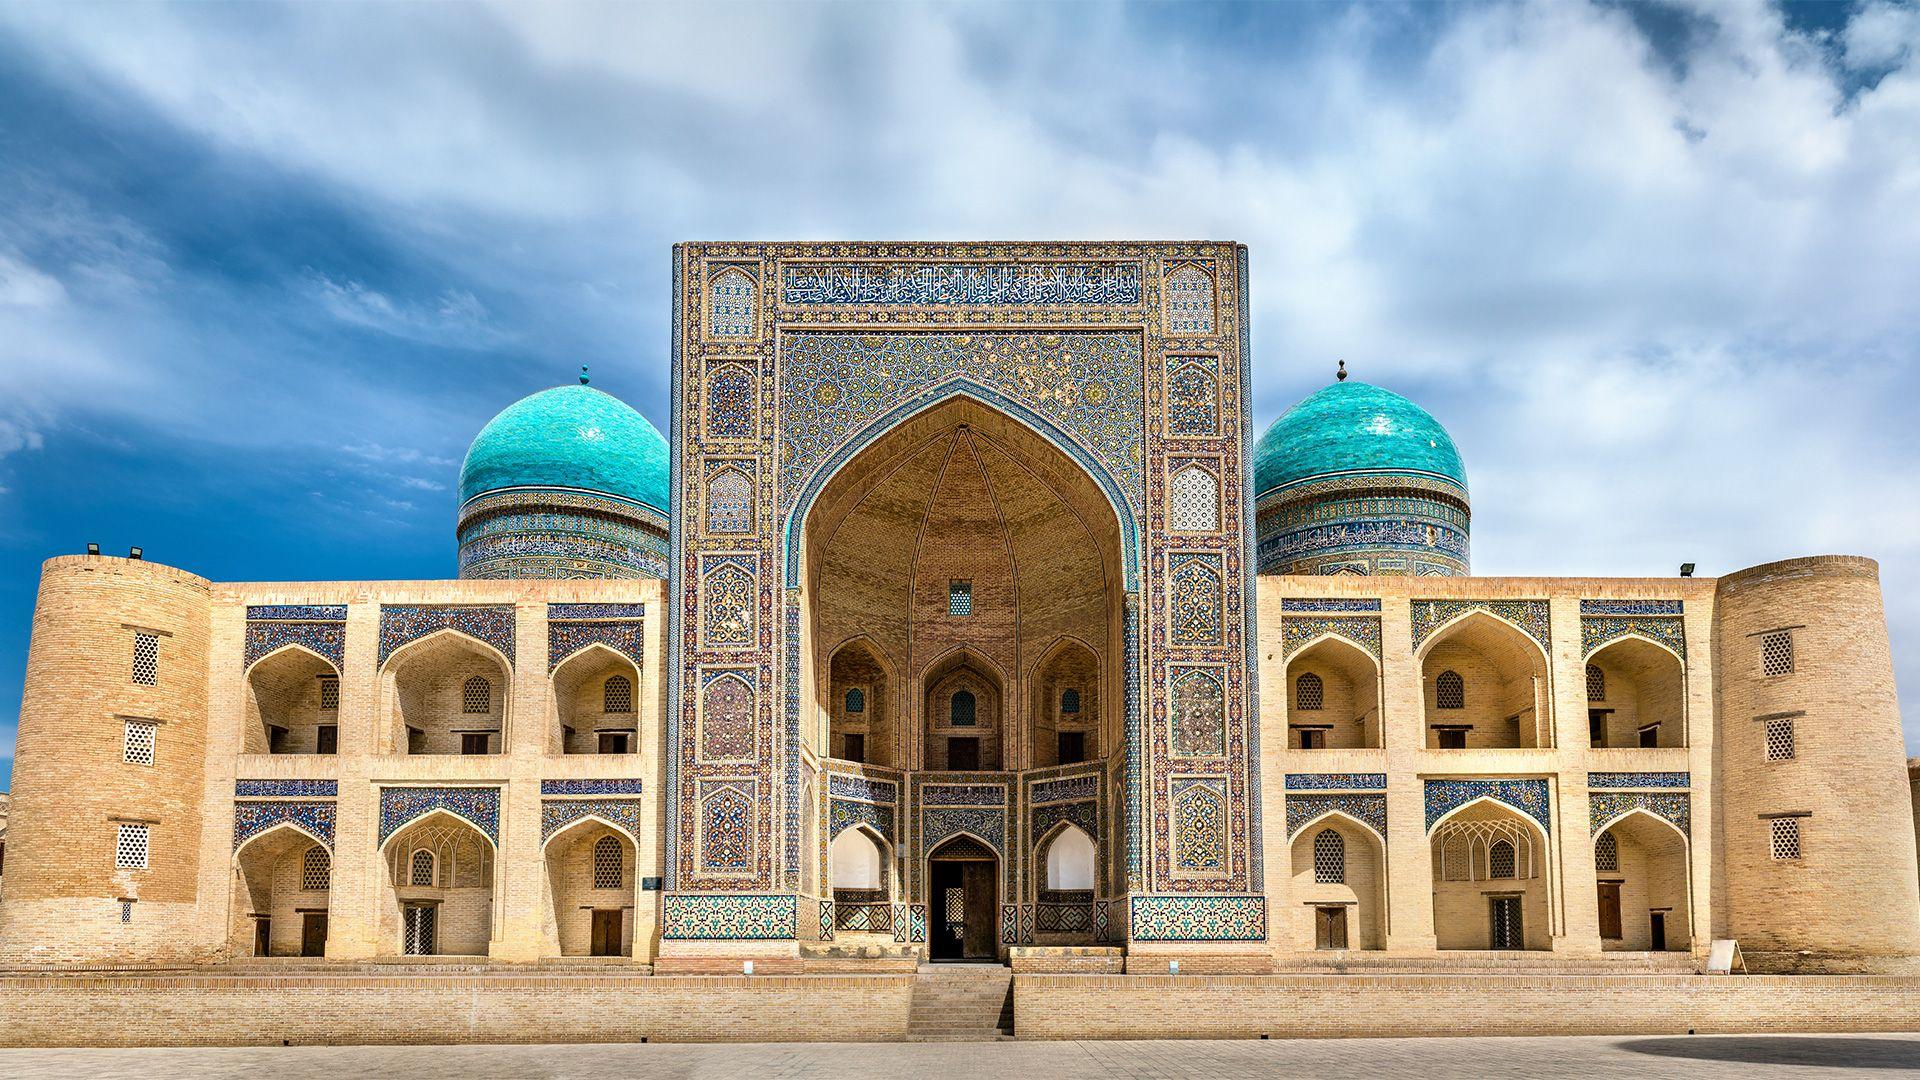 Circuit de grup Best of Uzbekistan, 10 zile - septembrie 2021